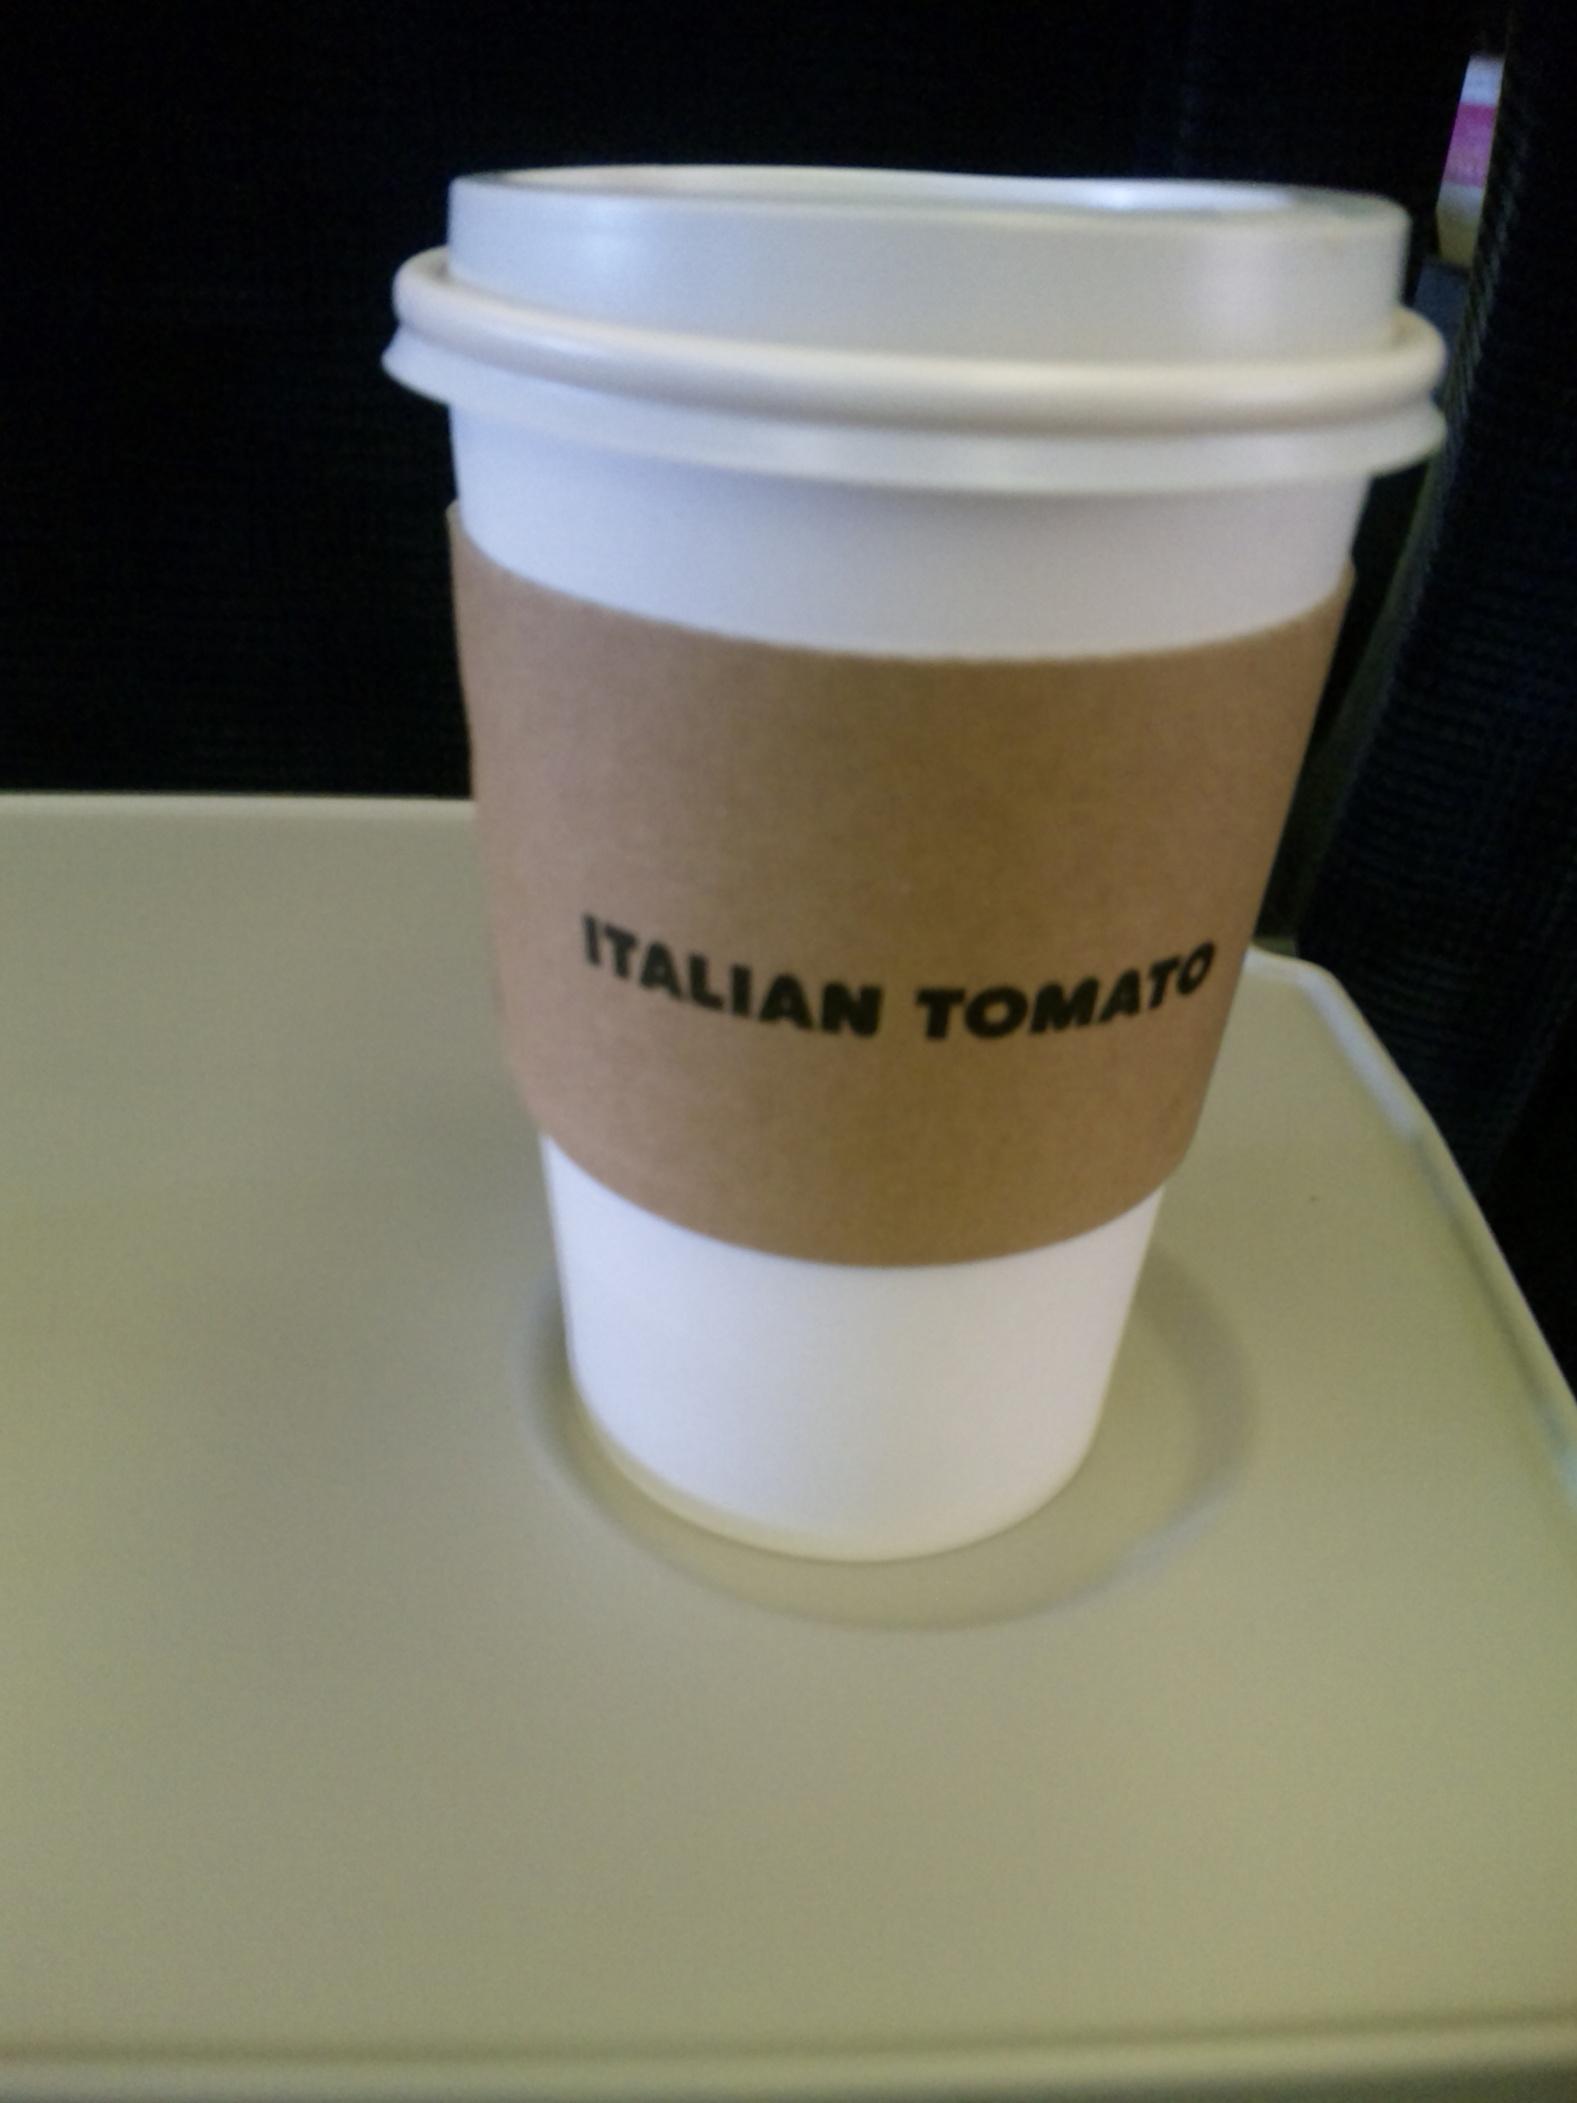 イタリアン・トマト カフェスペリオーレ 静岡パルシェ店 name=